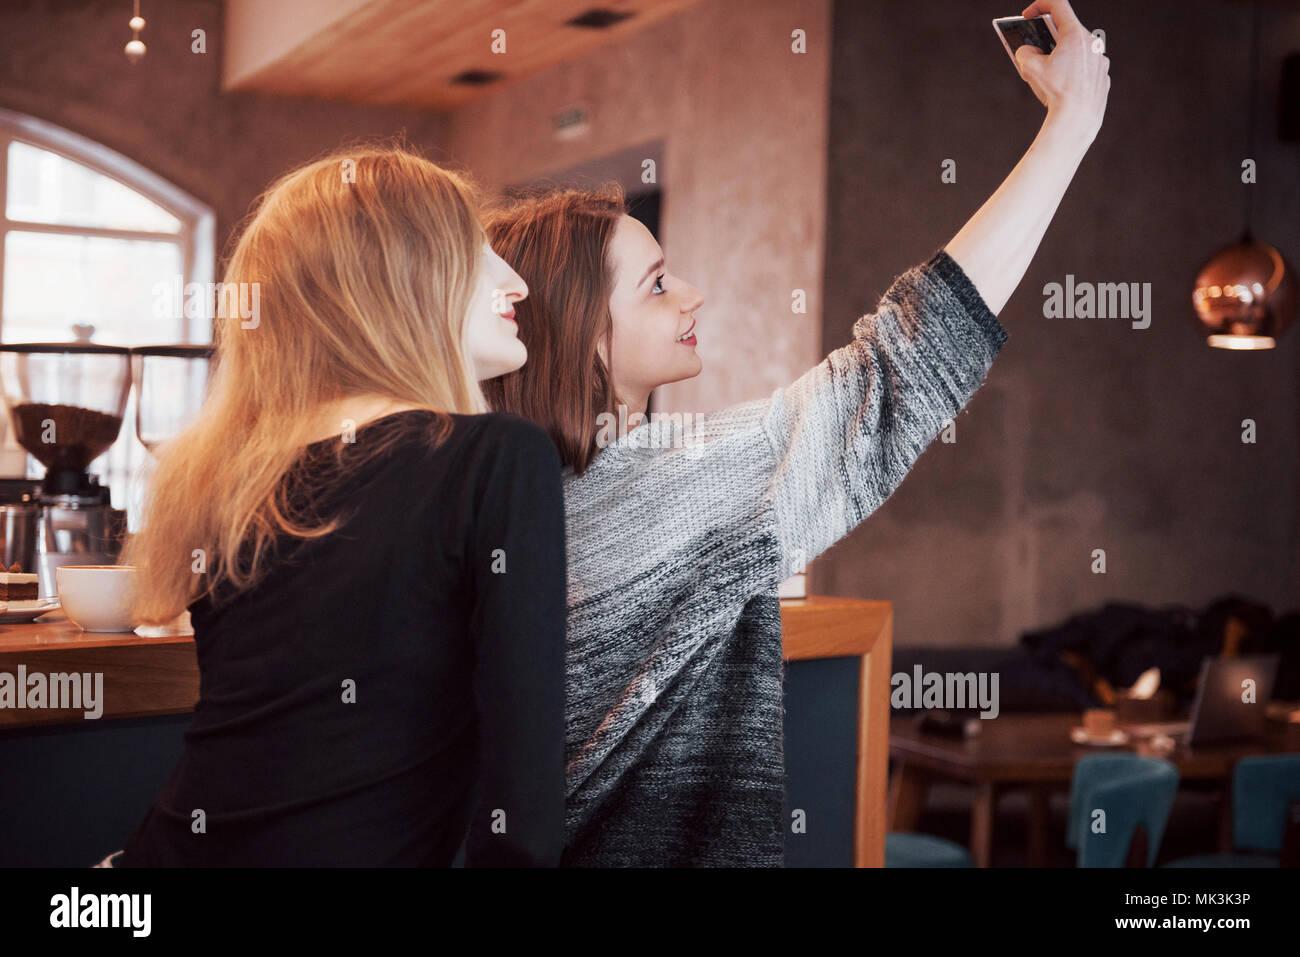 Dos amigos tomando café en una cafetería, teniendo selfies con un teléfono inteligente y divertirse haciendo muecas. Centrarse en la chica de la izquierda Imagen De Stock